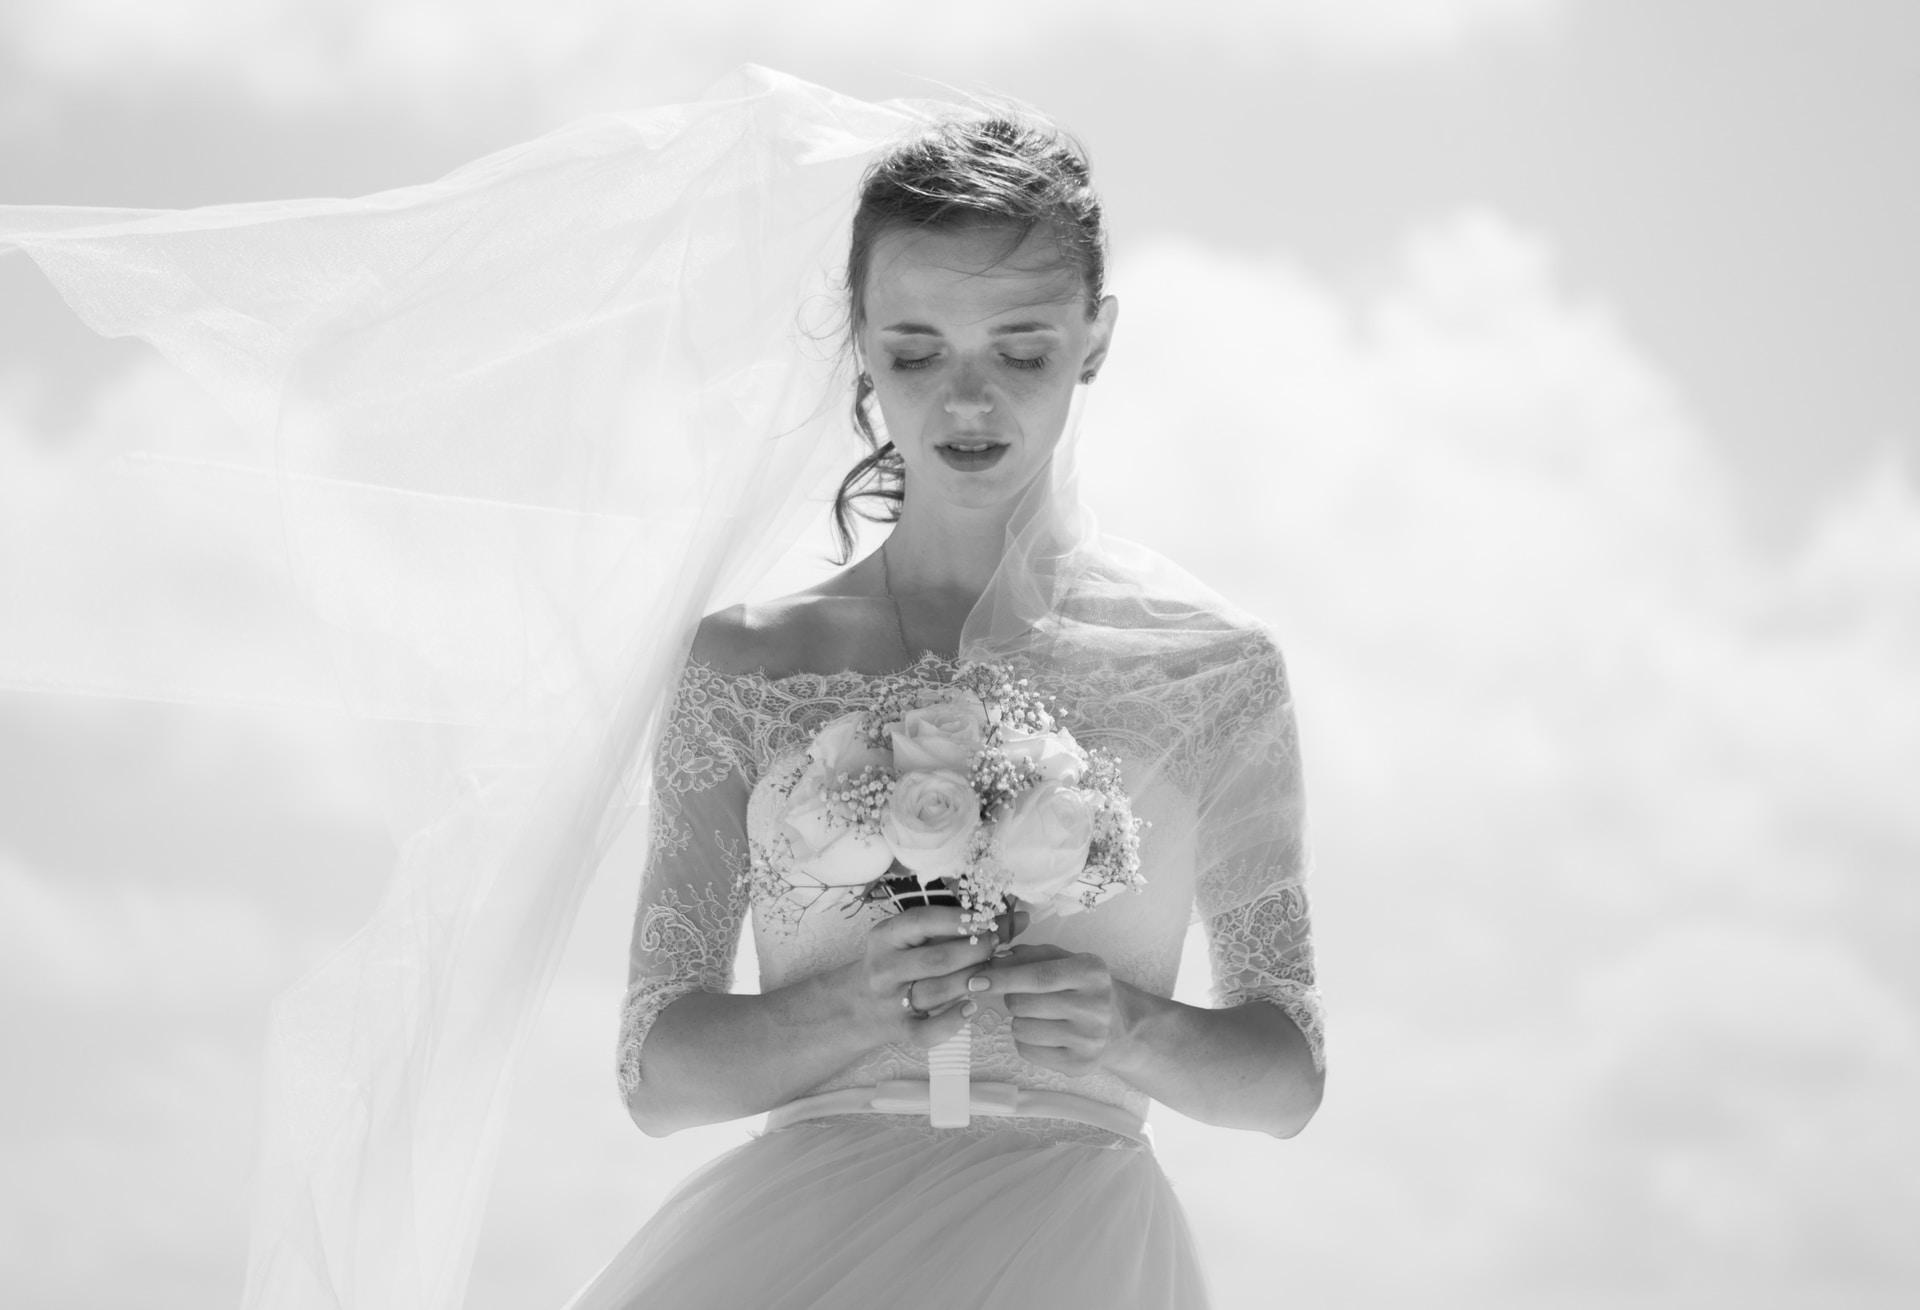 καταστάσεις έκτακτης ανάγκης στο γάμο